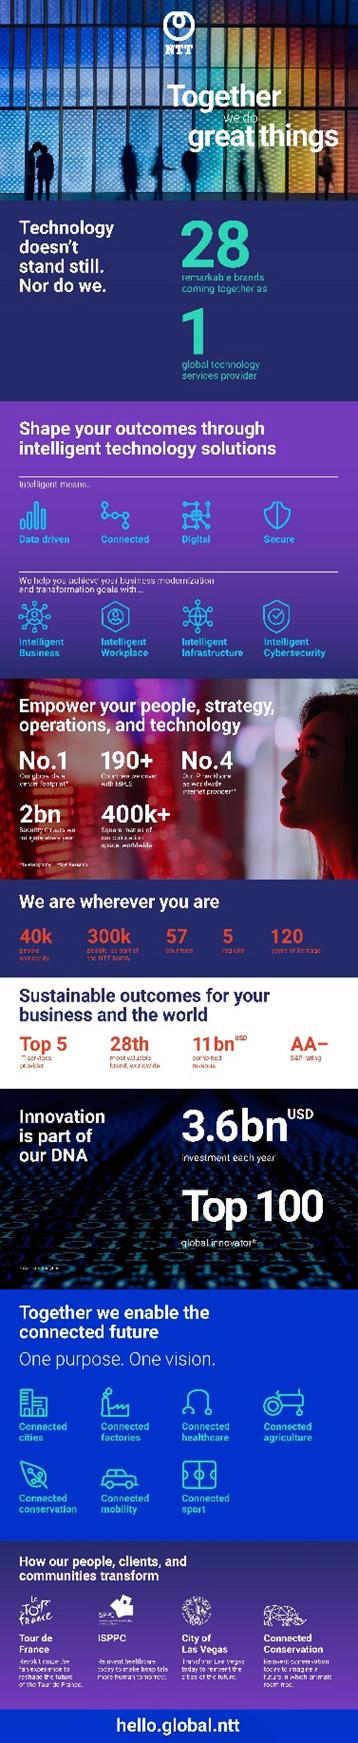 NTT ผนึกกำลังองค์กรชั้นนำ 28 แห่งร่วมเปิดบริษัทให้บริการเทคโนโลยีระดับโลกแห่งใหม่ที่กรุงลอนดอน